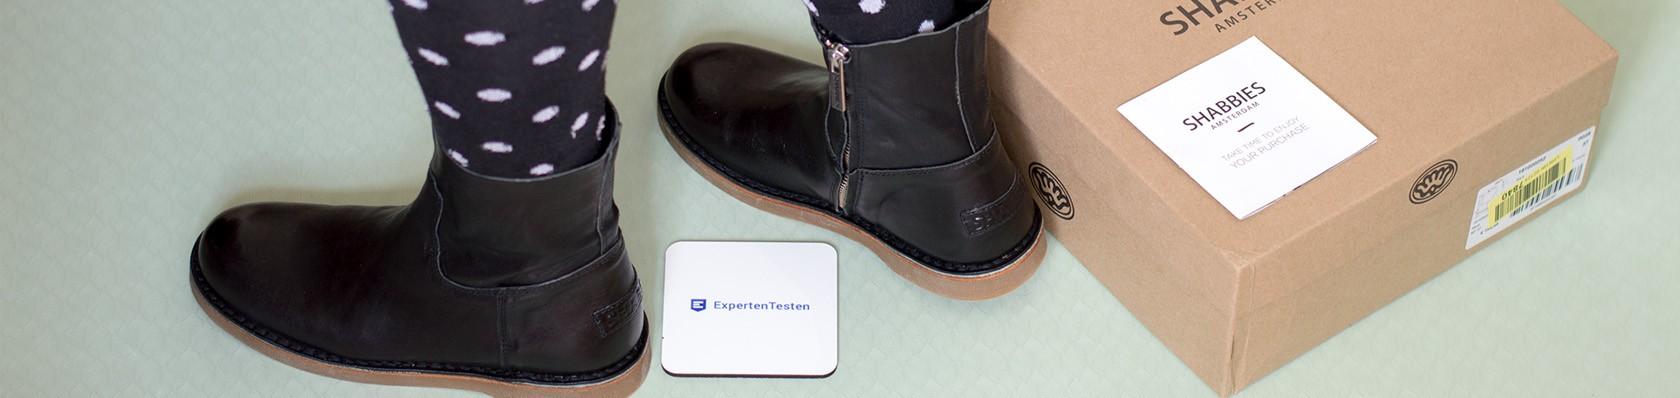 Walkingschuhe Damen im Test auf ExpertenTesten.de